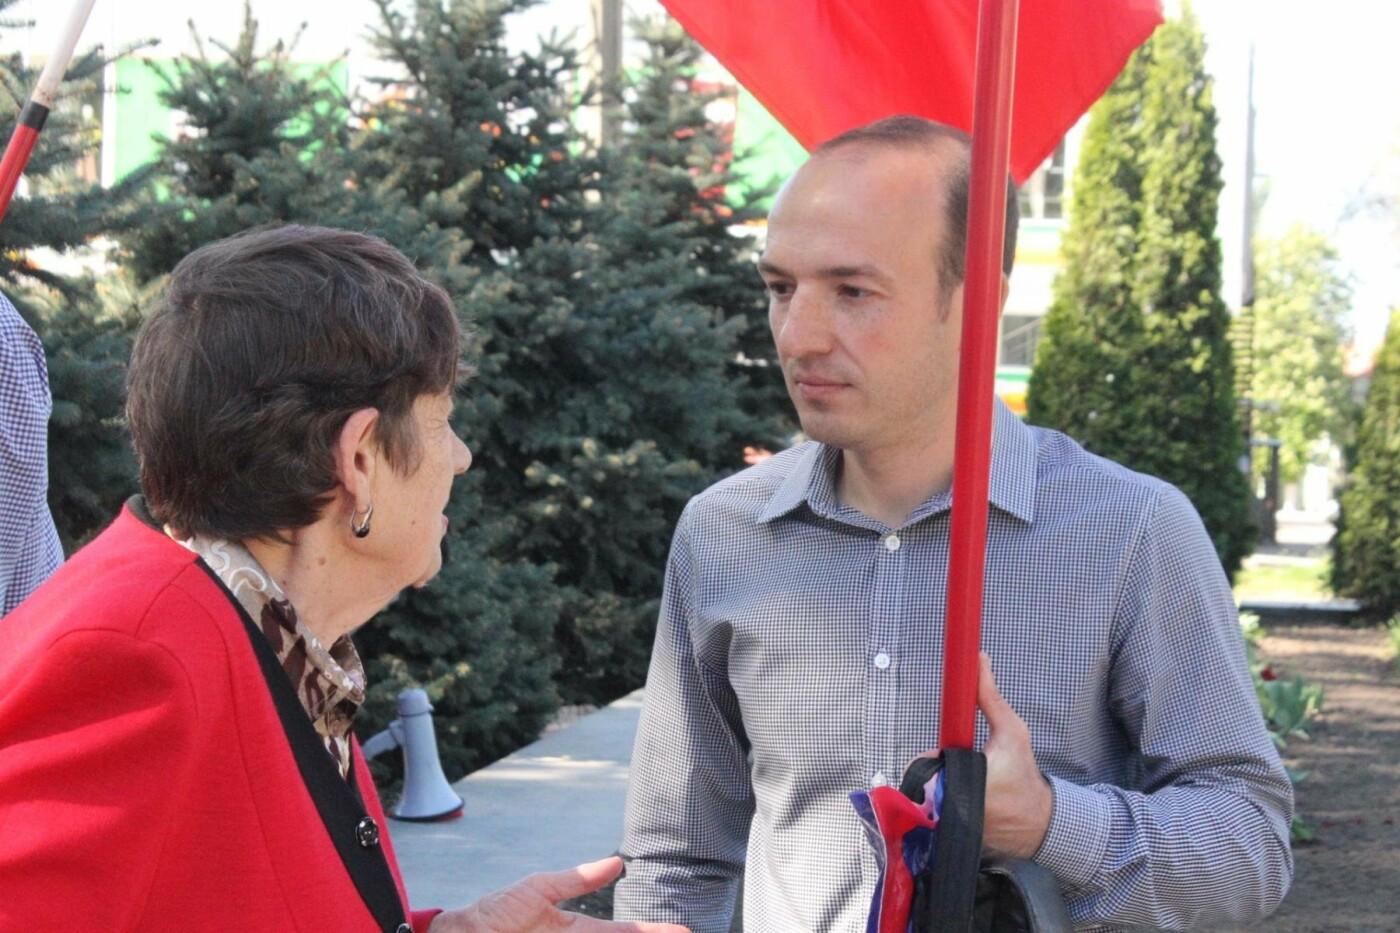 Запорожские коммунисты с красными флагами провели митинг к 1 мая: к «вечному огню» на Свободы пришли полсотни людей, – ФОТОРЕПОРТАЖ, фото-11